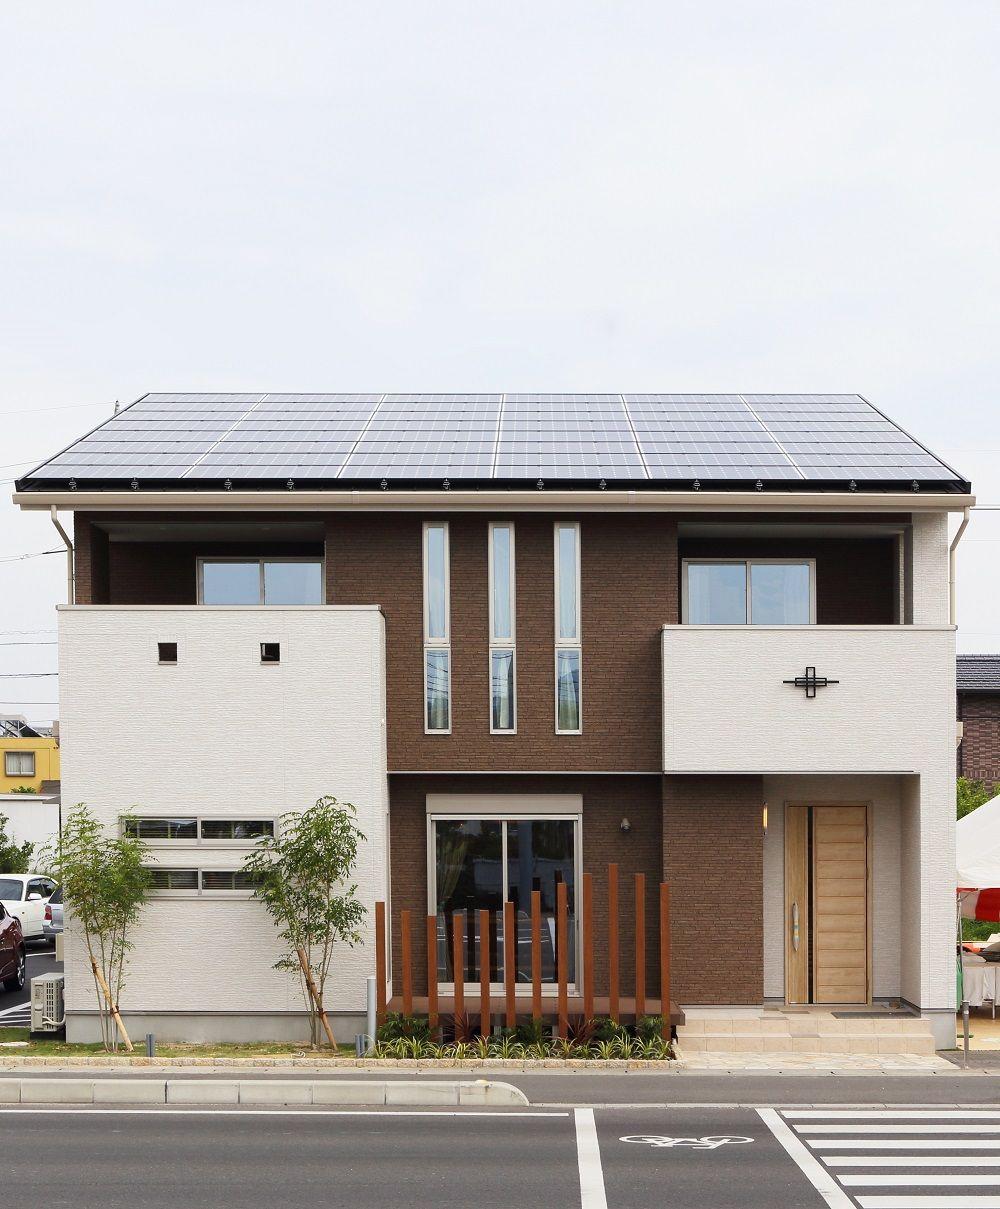 ヘルシーホーム 倉敷モデルハウス 白色 茶色で目を引くデザインに